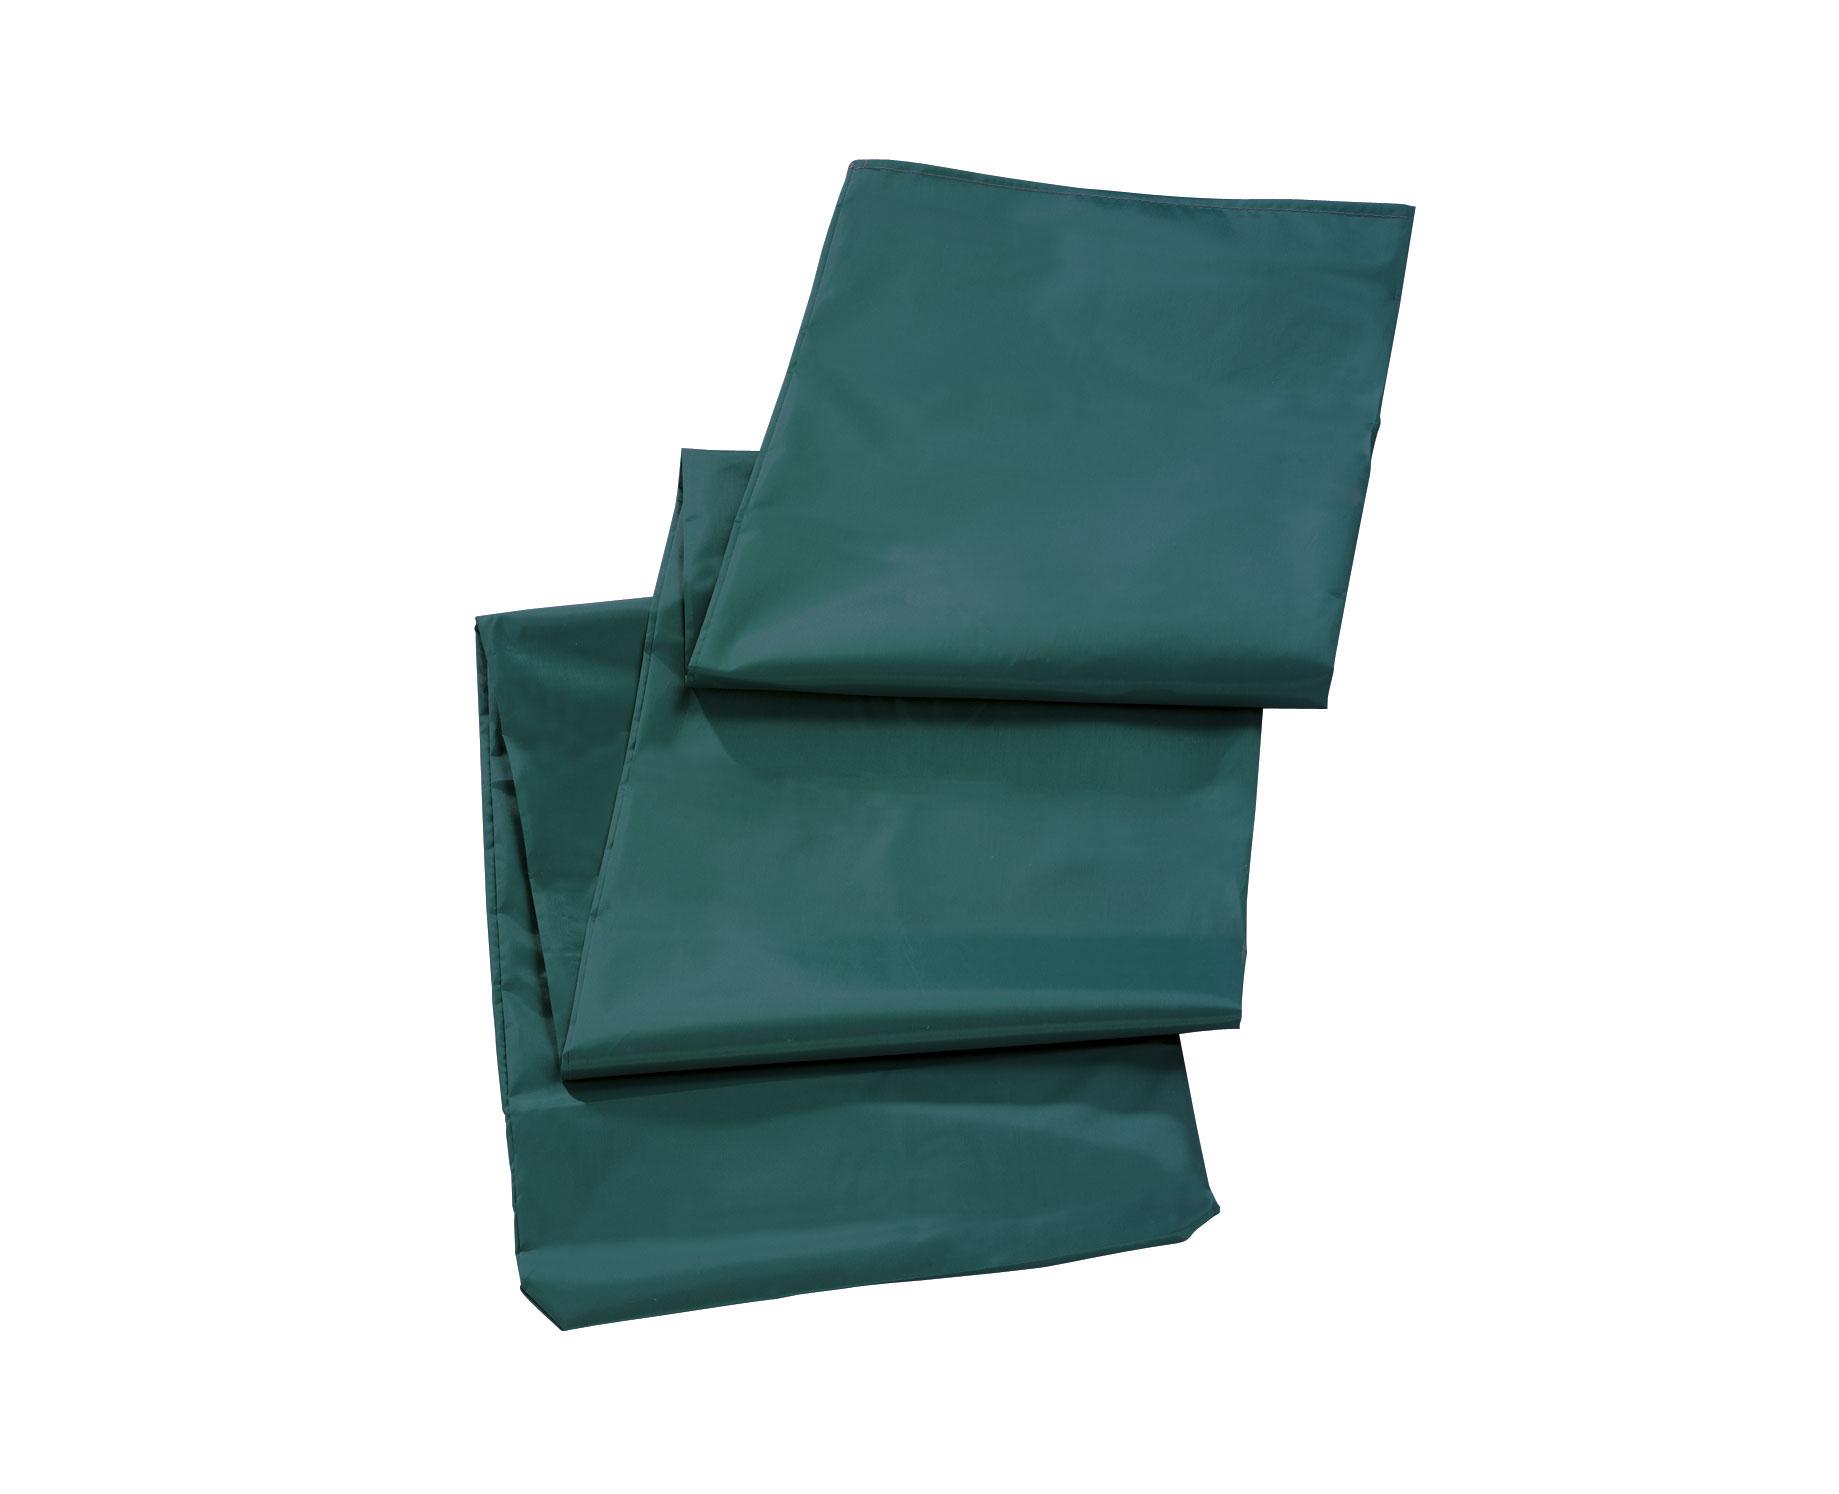 LEIFHEIT Ochranný obal pro sušáky Leifheit Linomatic a slunečníky